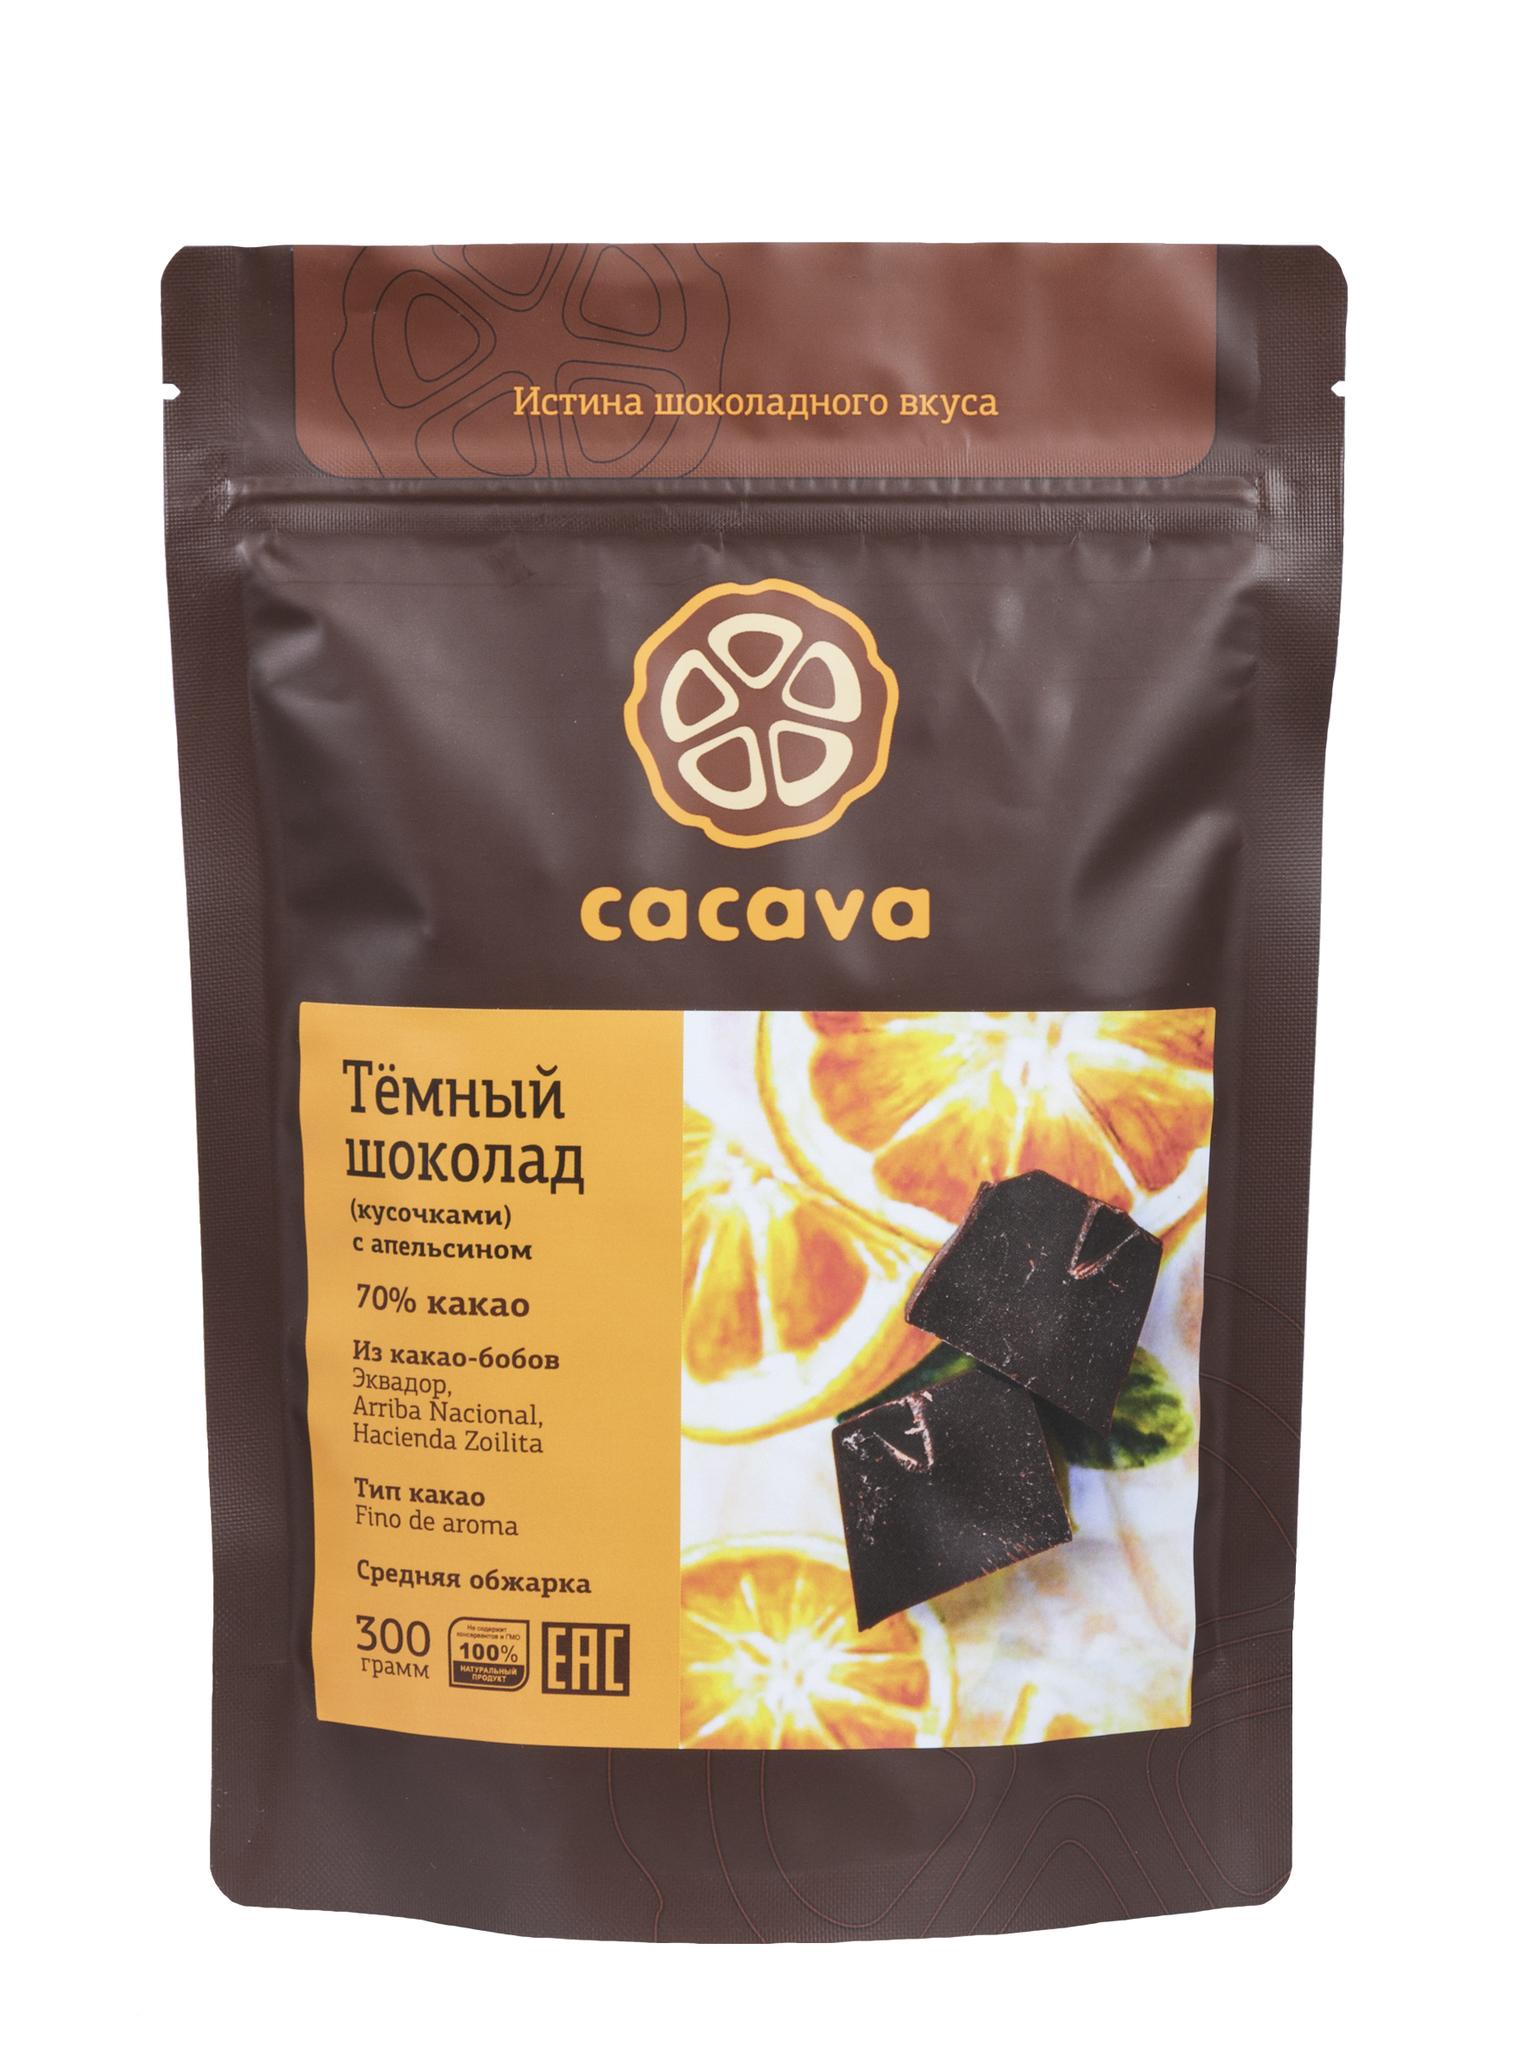 Тёмный шоколад с апельсином 70 % какао (Эквадор), упаковка 300 грамм